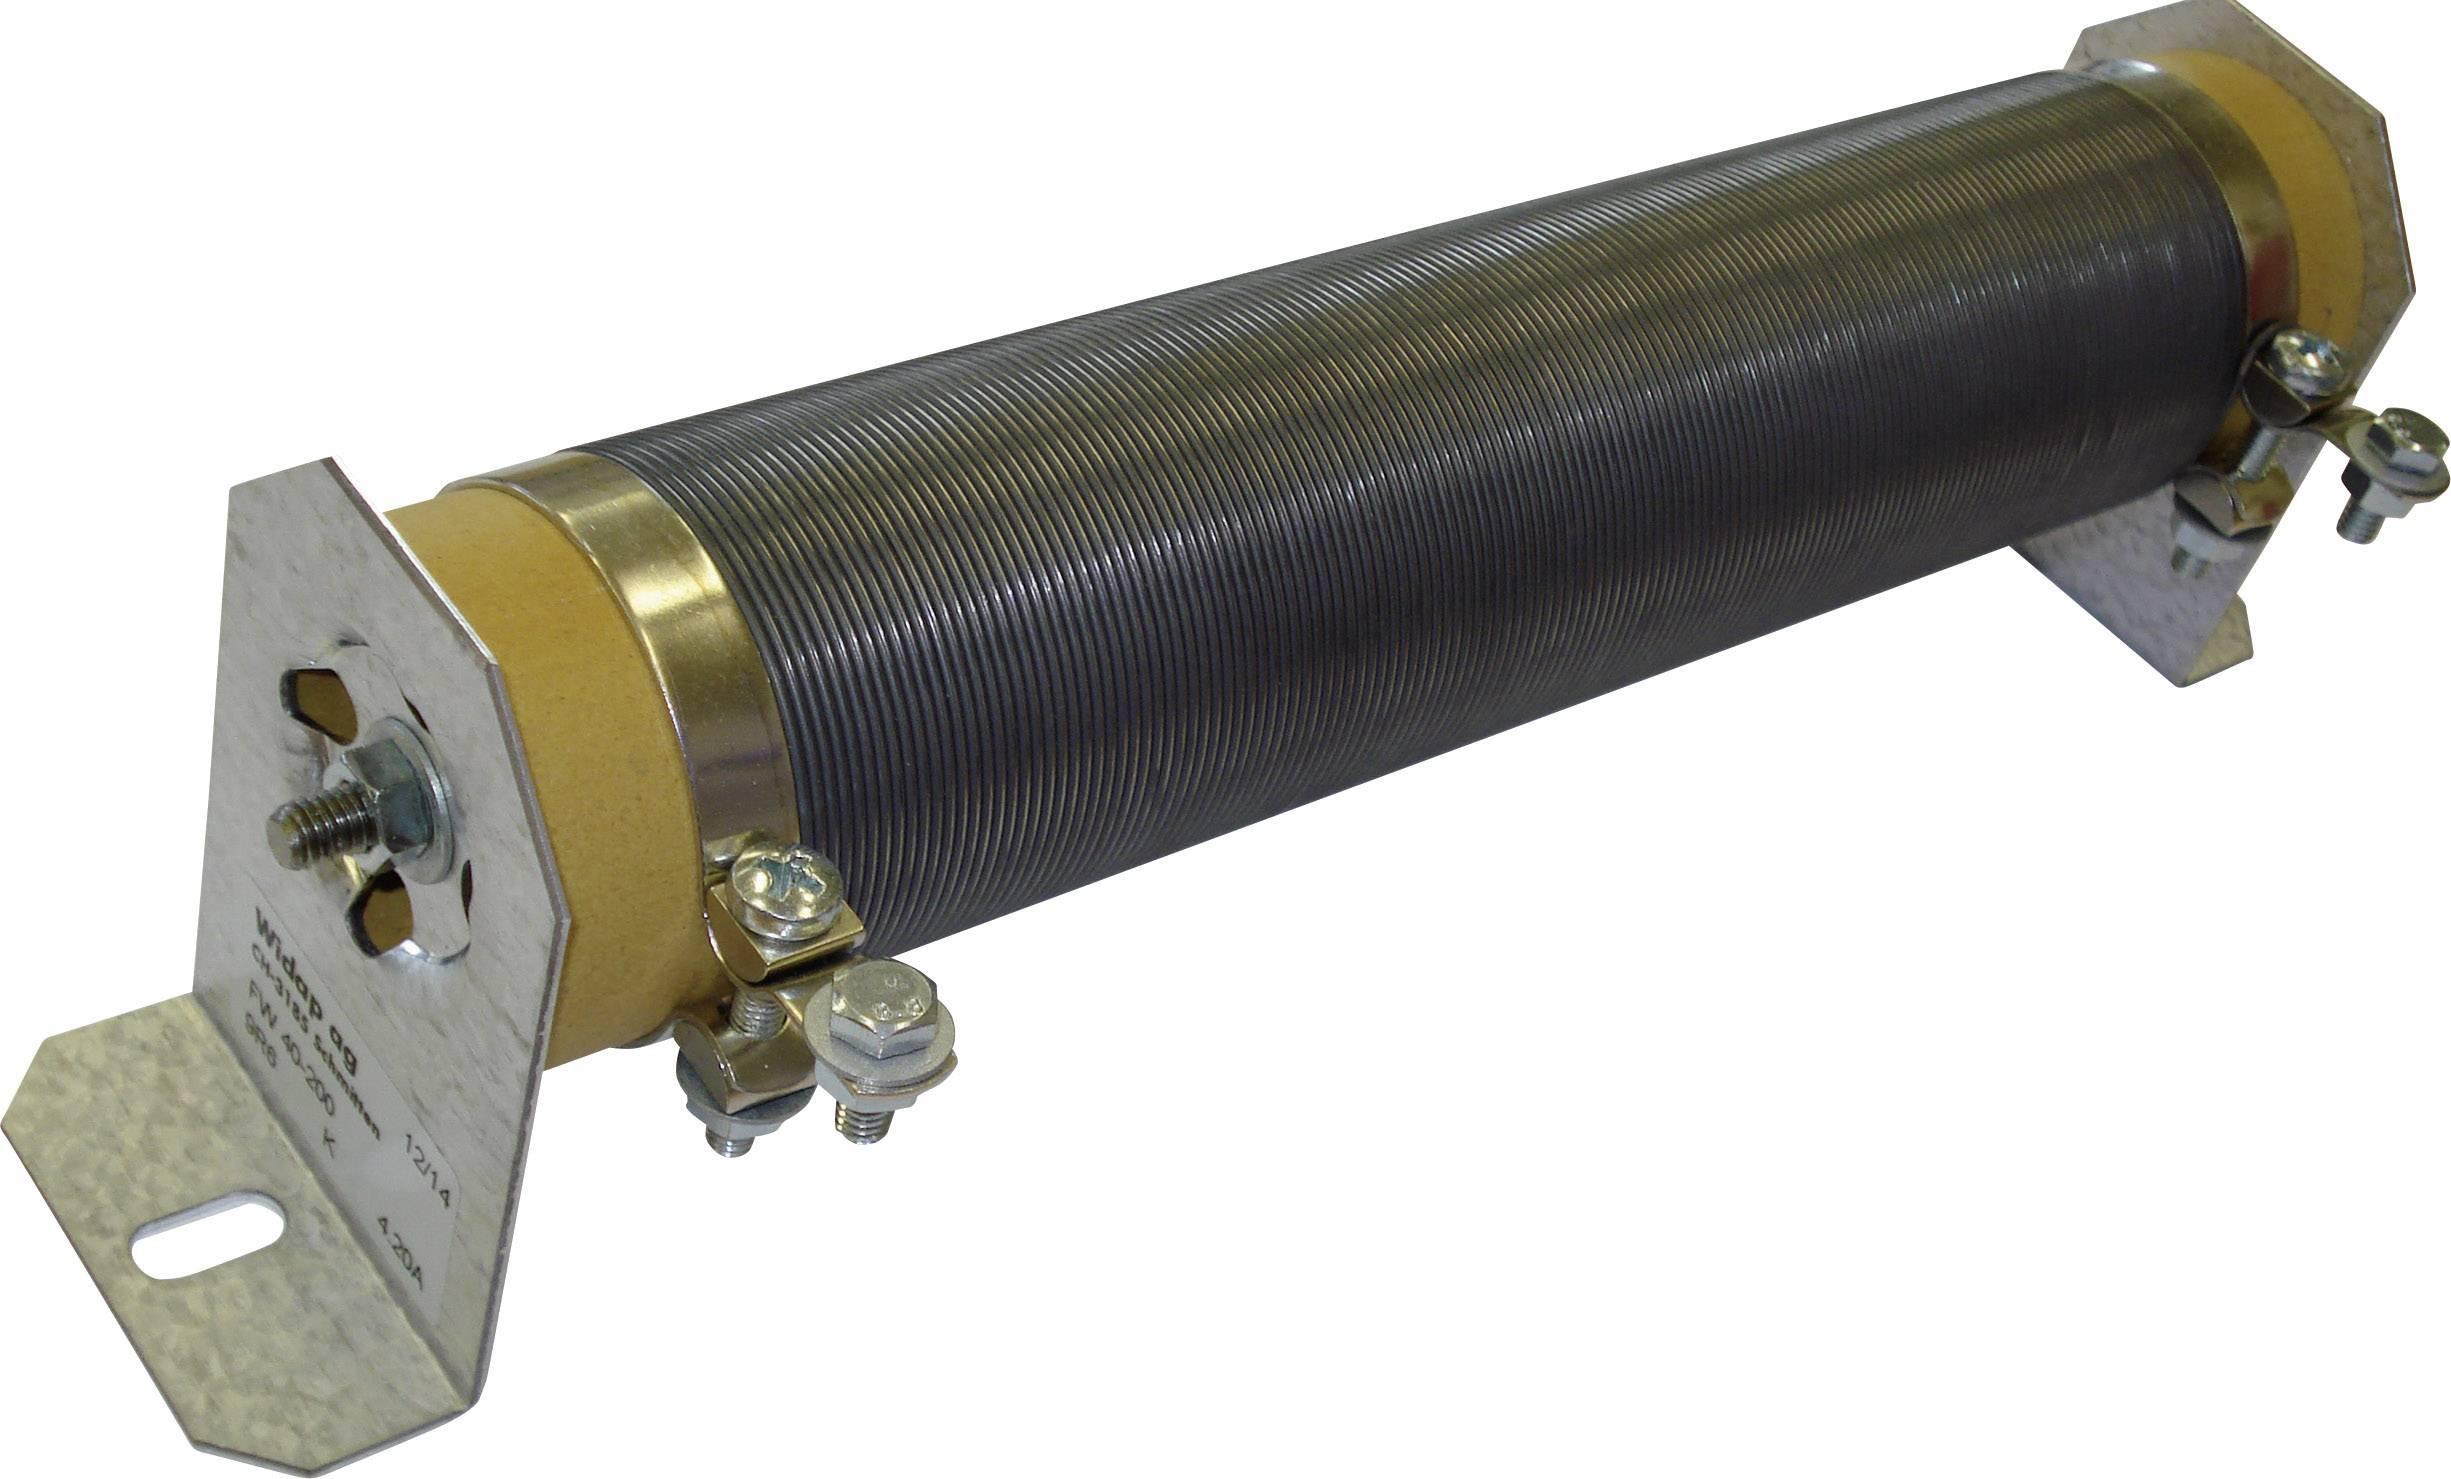 Odpor potrubia Widap FW40-300 5R1 K, hodnota odporu 5.1 Ohm, skrutkový kontaktný prvok, 300 W, 1 ks